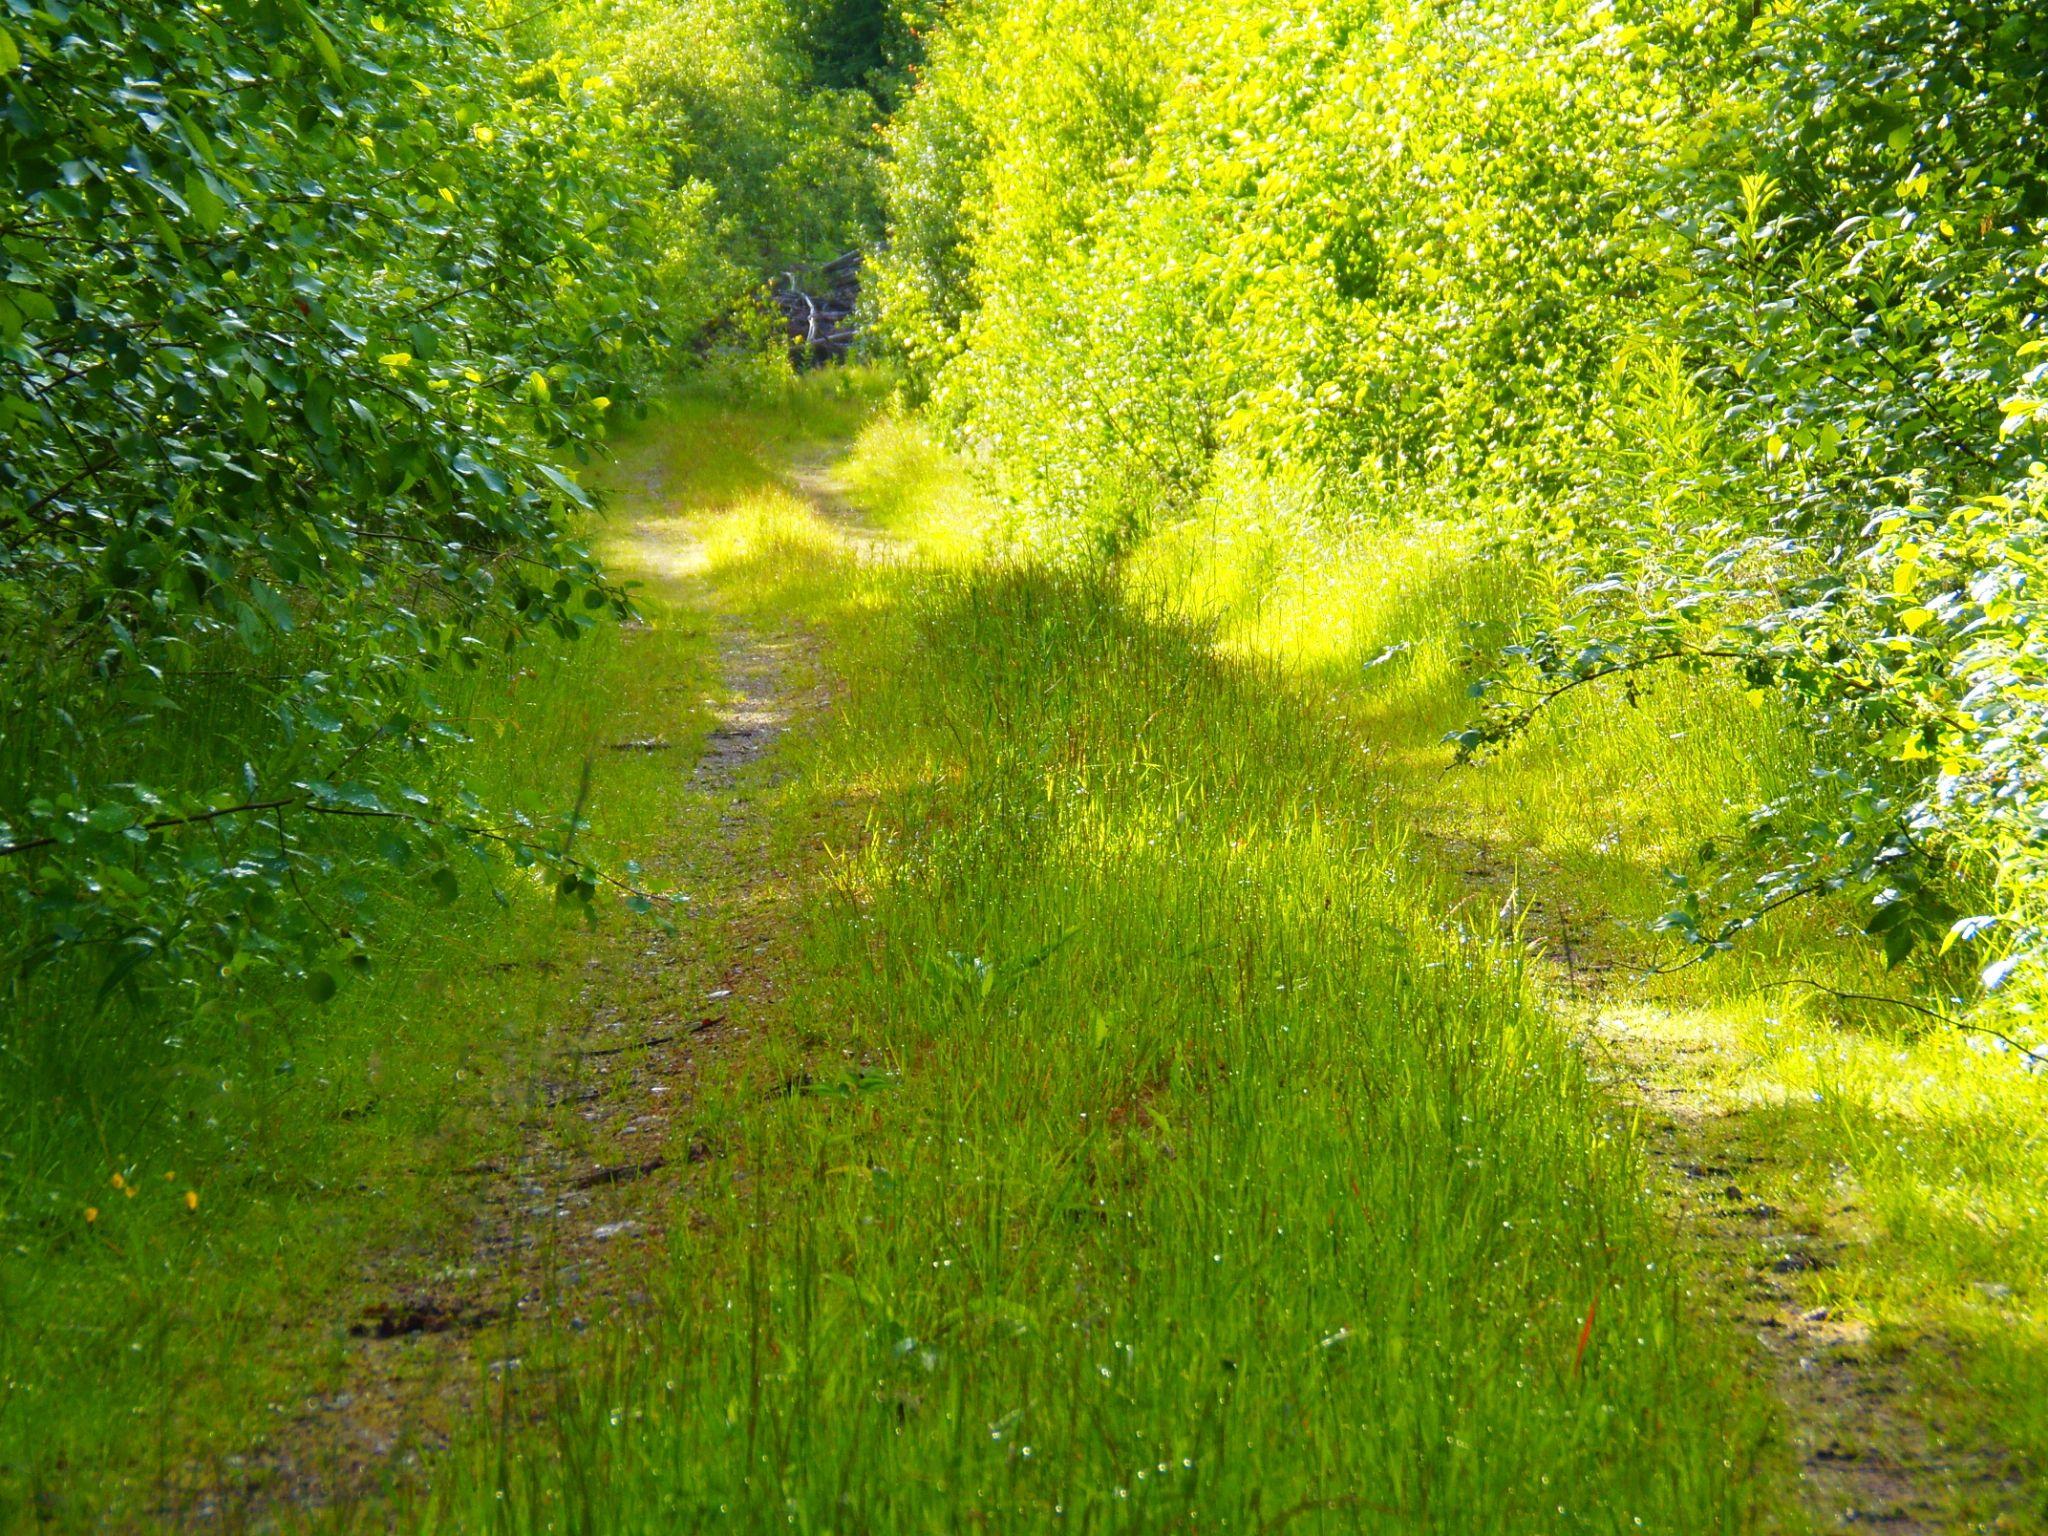 Midsummer - Finland by laura.kamil